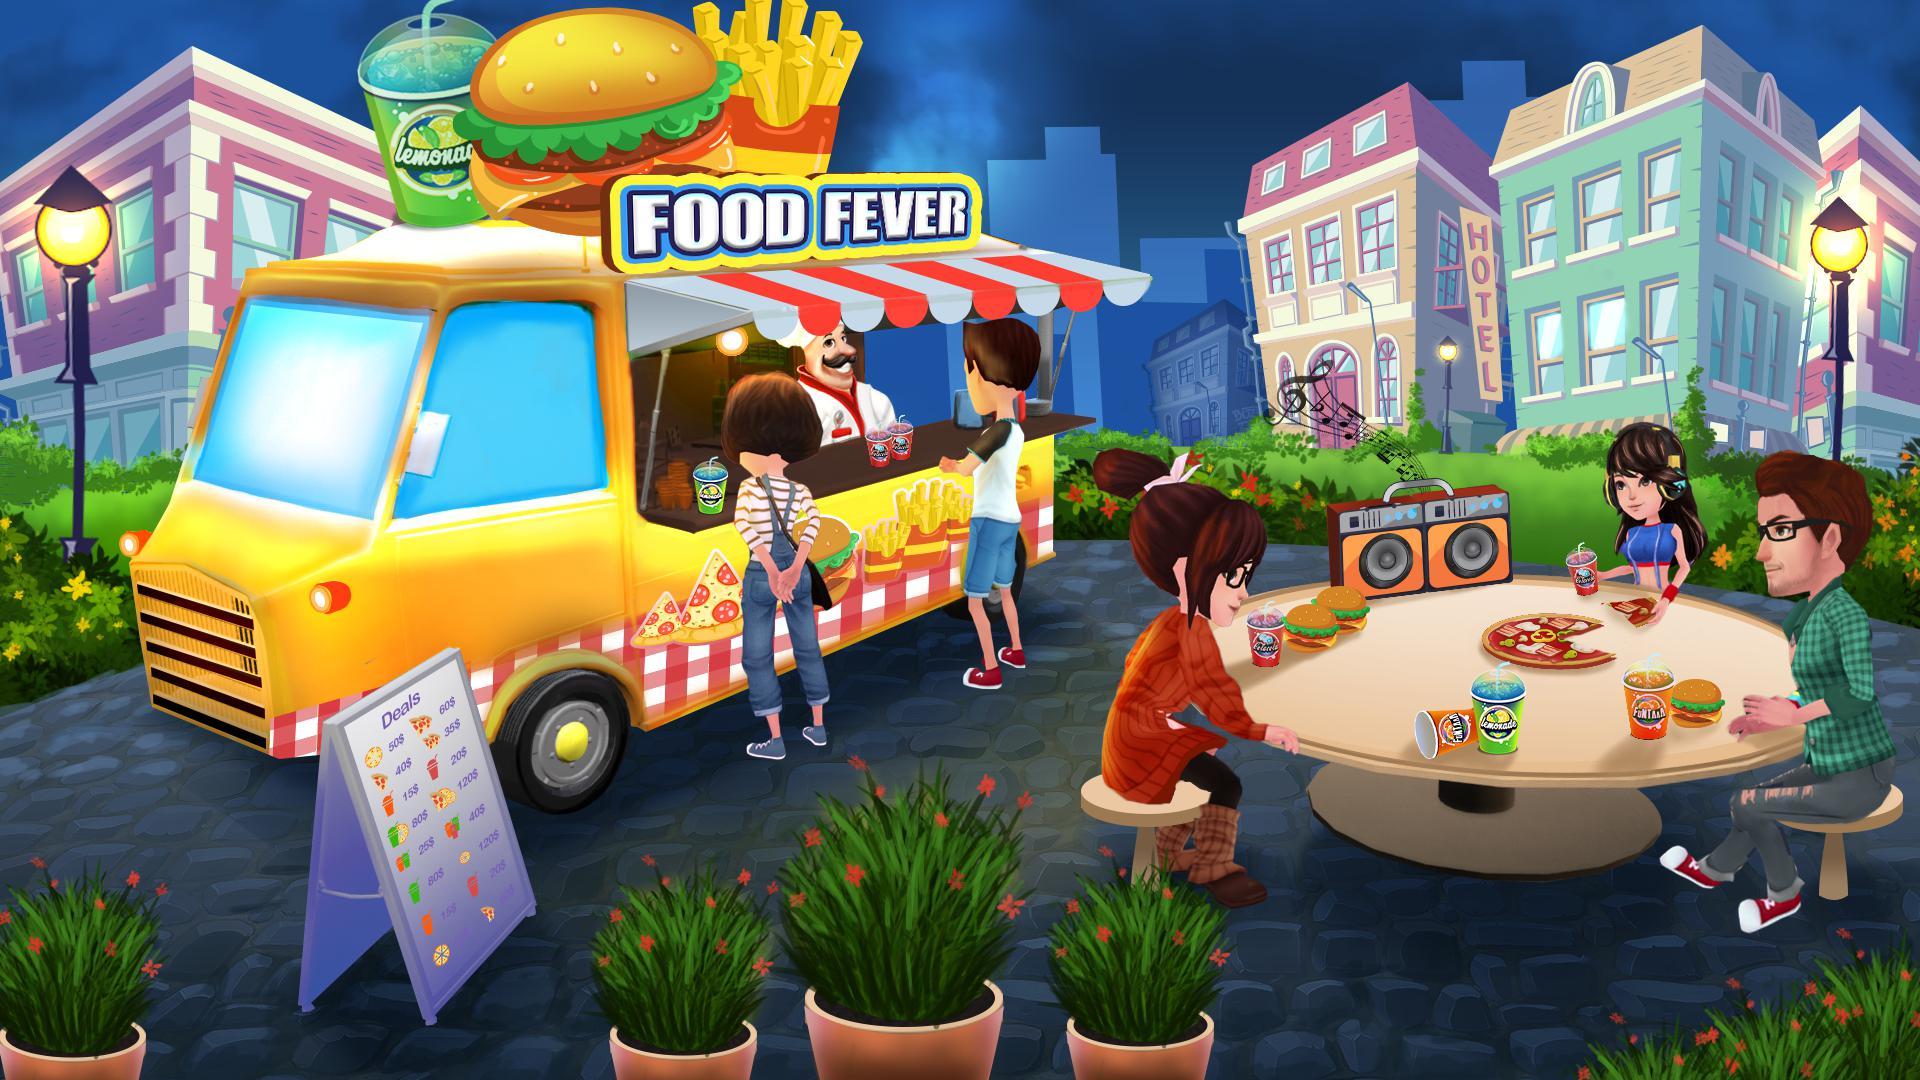 烹饪卡车:食物热狂热 游戏截图5